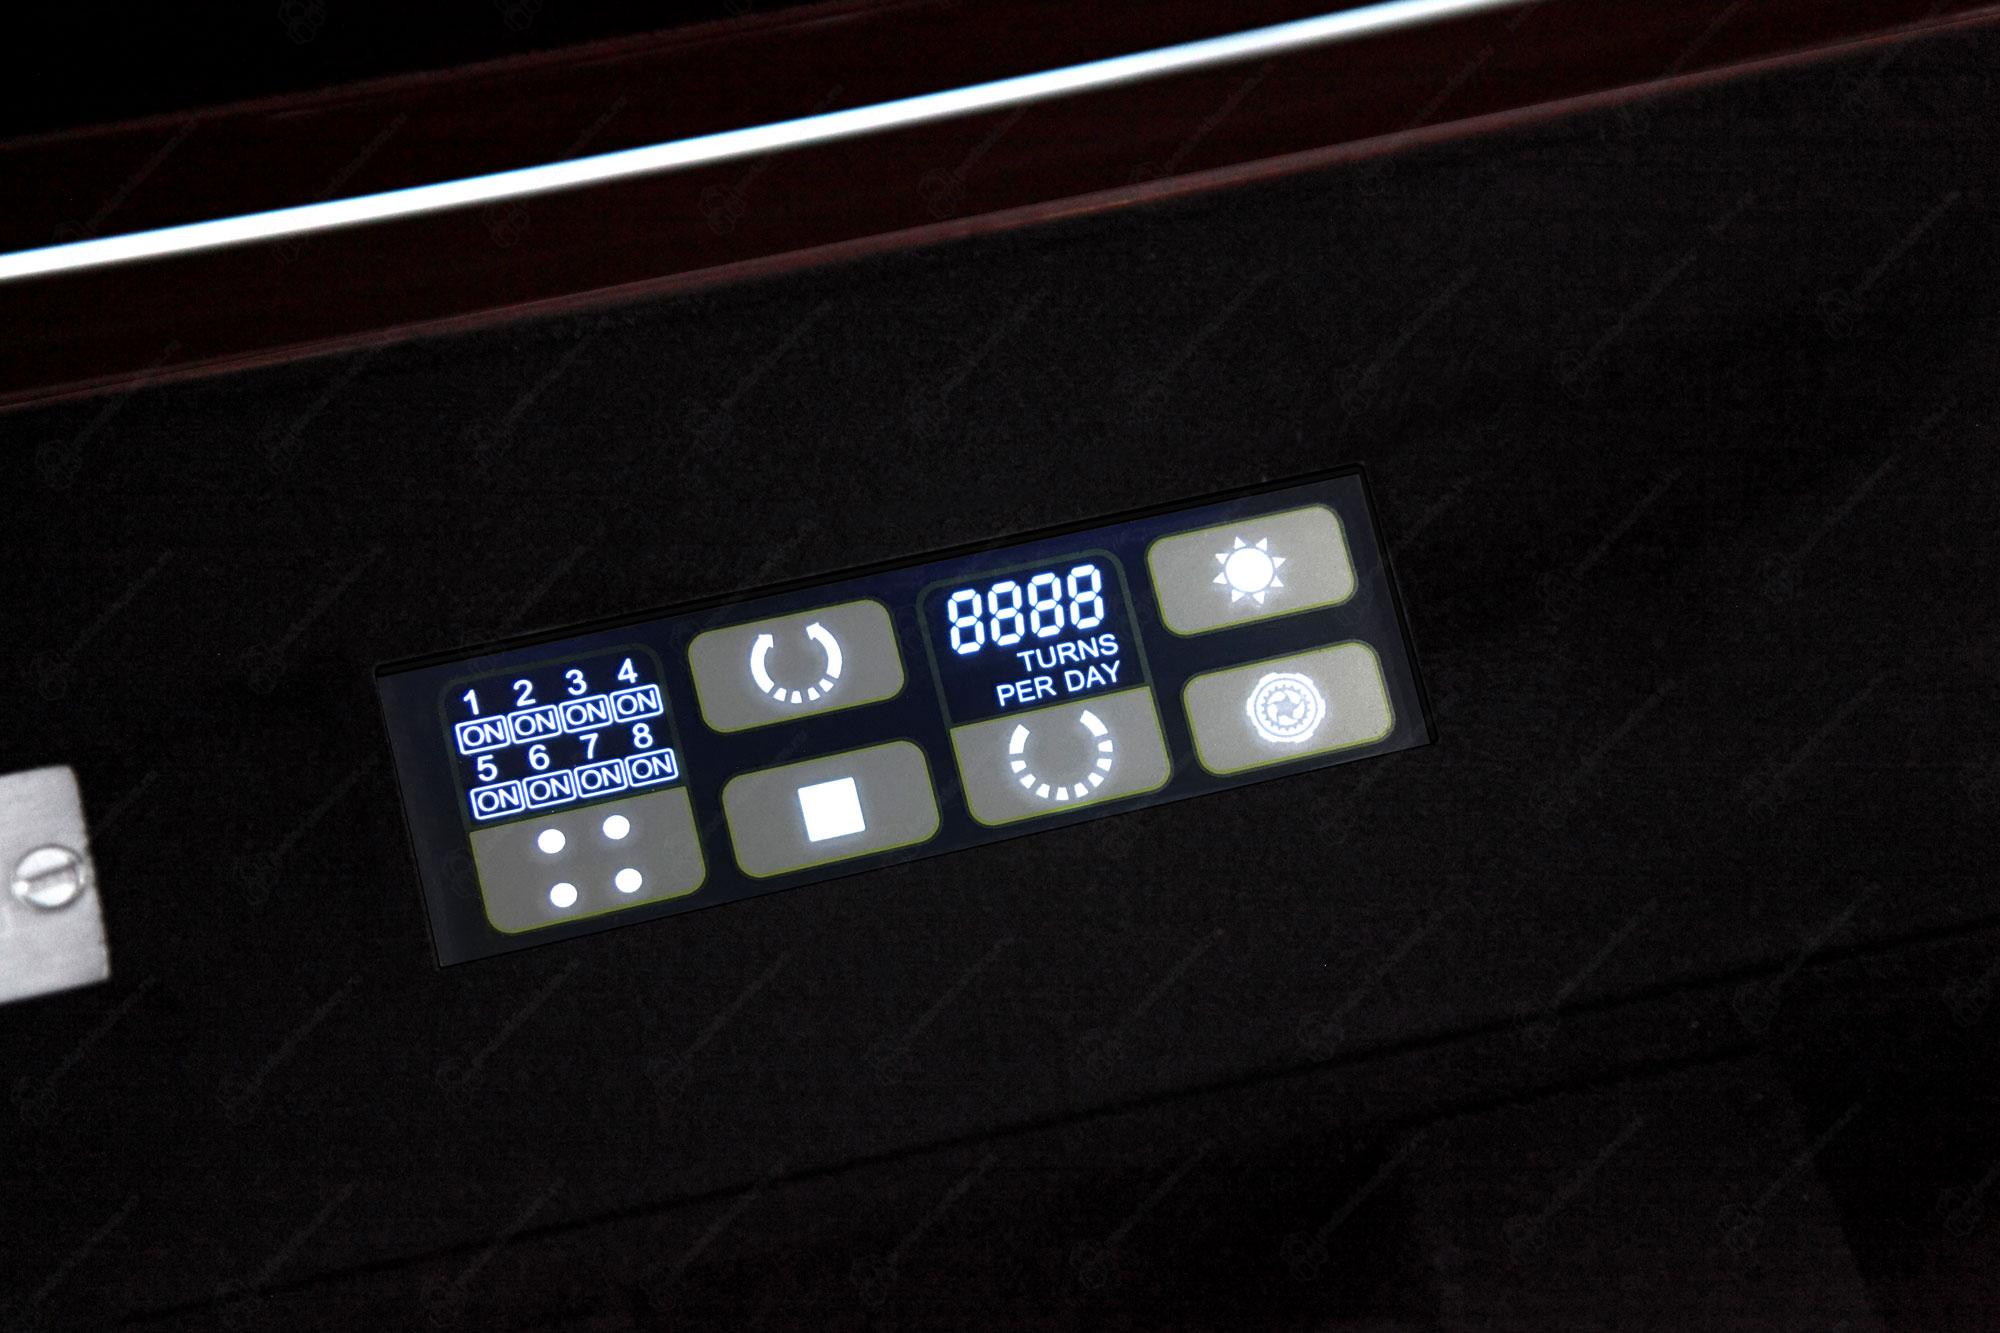 BS8 Red Limited Edition Шкатулка для завода наручных часов. Лимитированная серия 250 шт. Отделка Глянцевый рояльный лак и кожа. Для 8 часов + 6 хранение. Сенсорное управление. Подсветка.